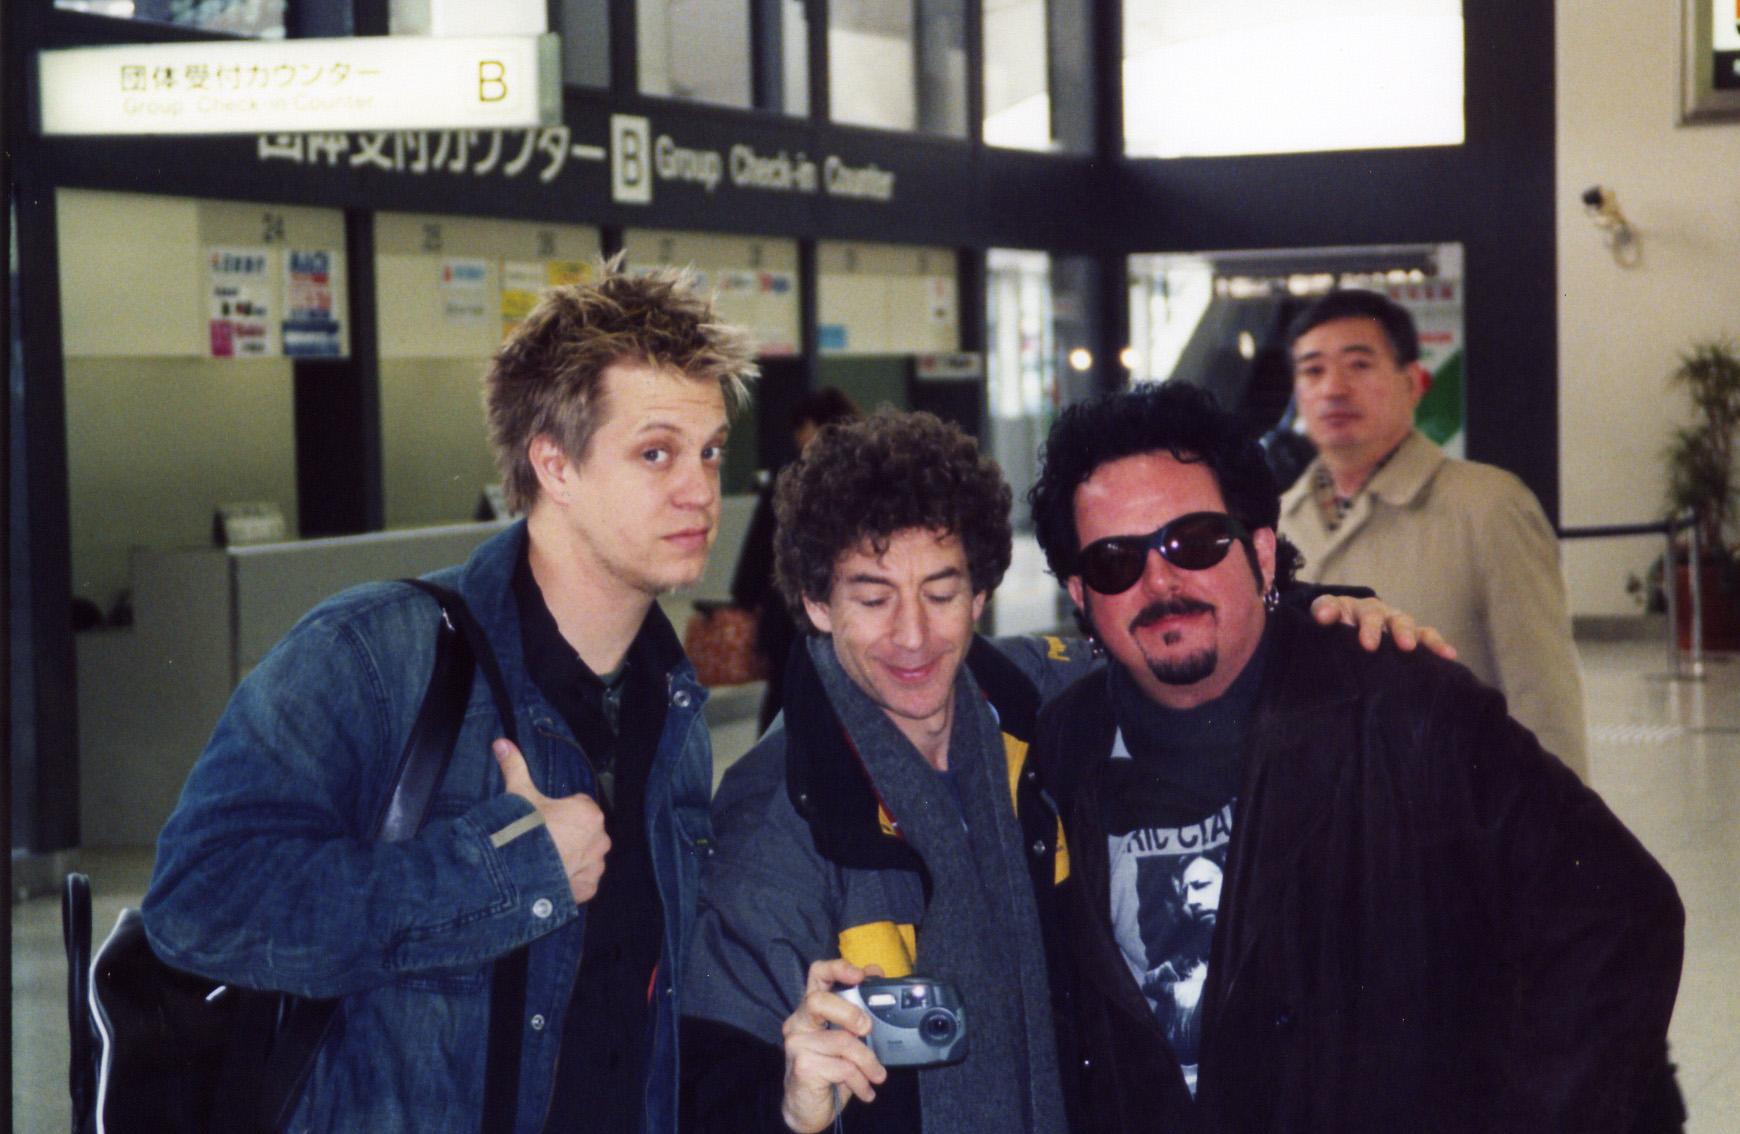 w/ Simon Phillips & Steve Lukather arriving in Japan, 2001